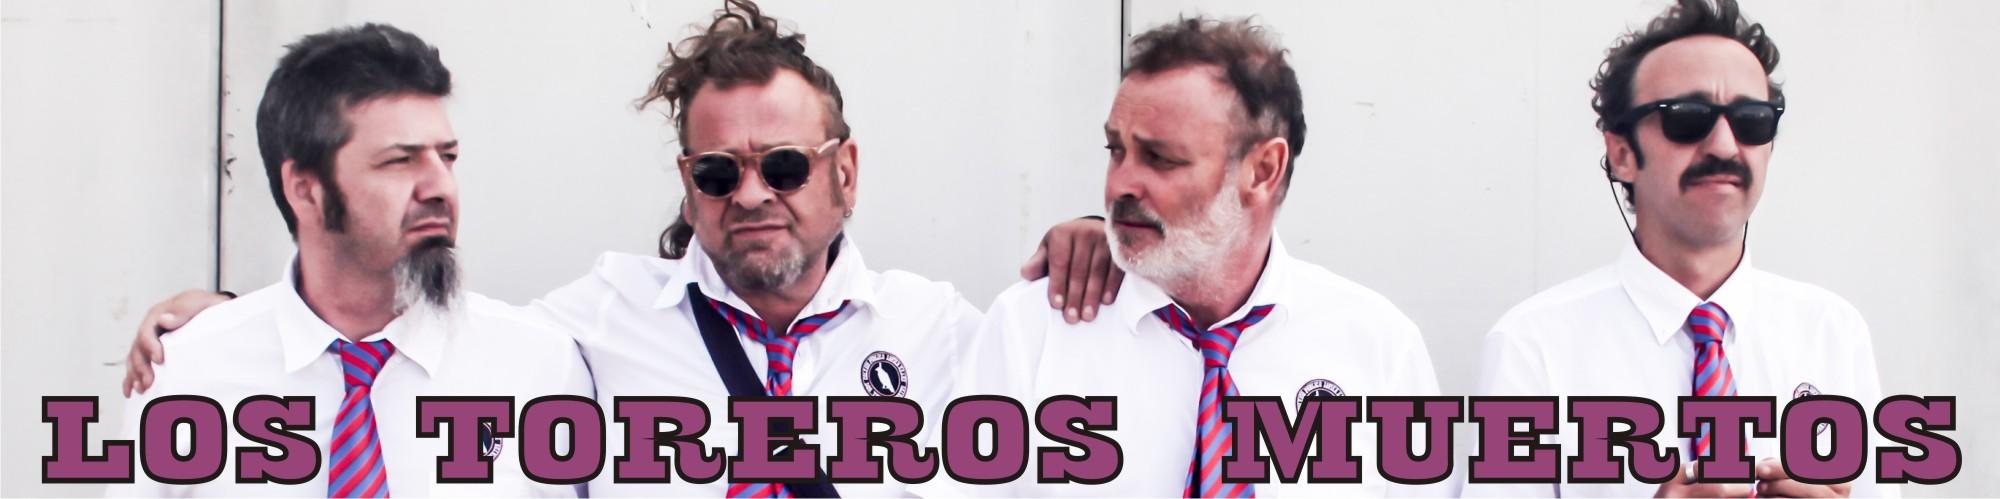 LOS TOREROS MUERTOS